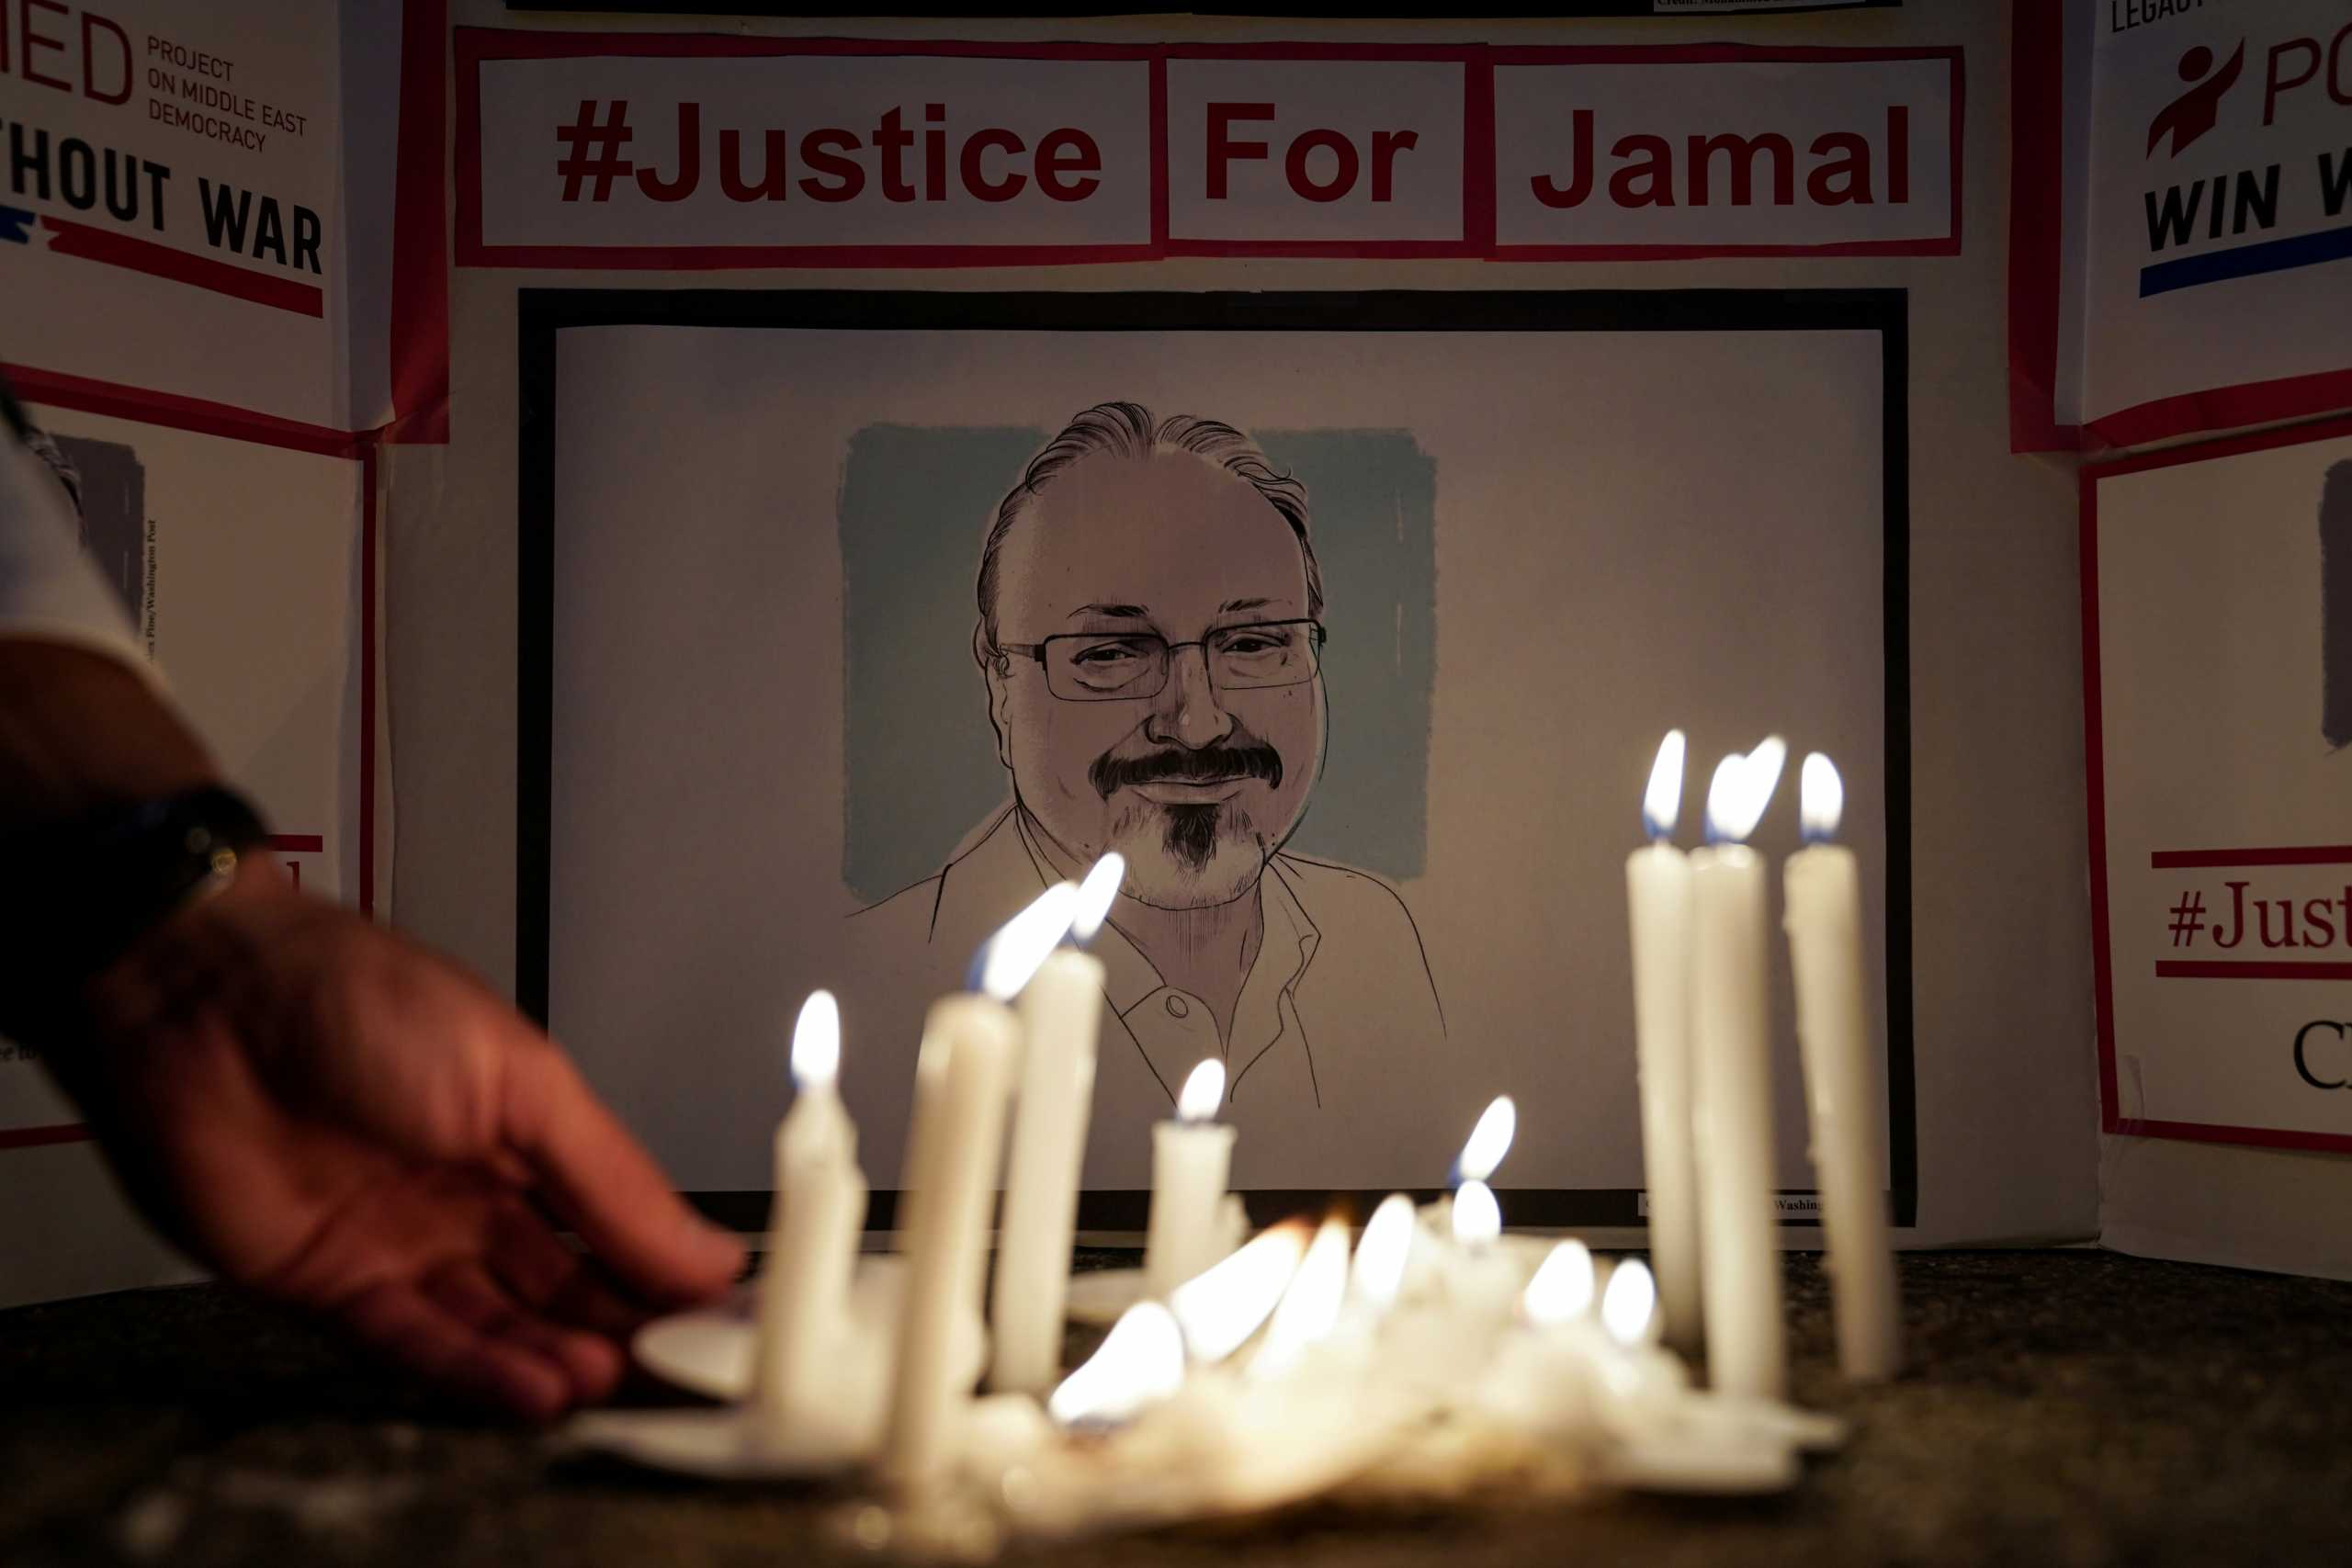 «Η απειλή της Σαουδικής Αραβίας ήταν ξεδιάντροπη» – Αποκαλύψεις για την υπόθεση  δολοφονίας Κασόγκι